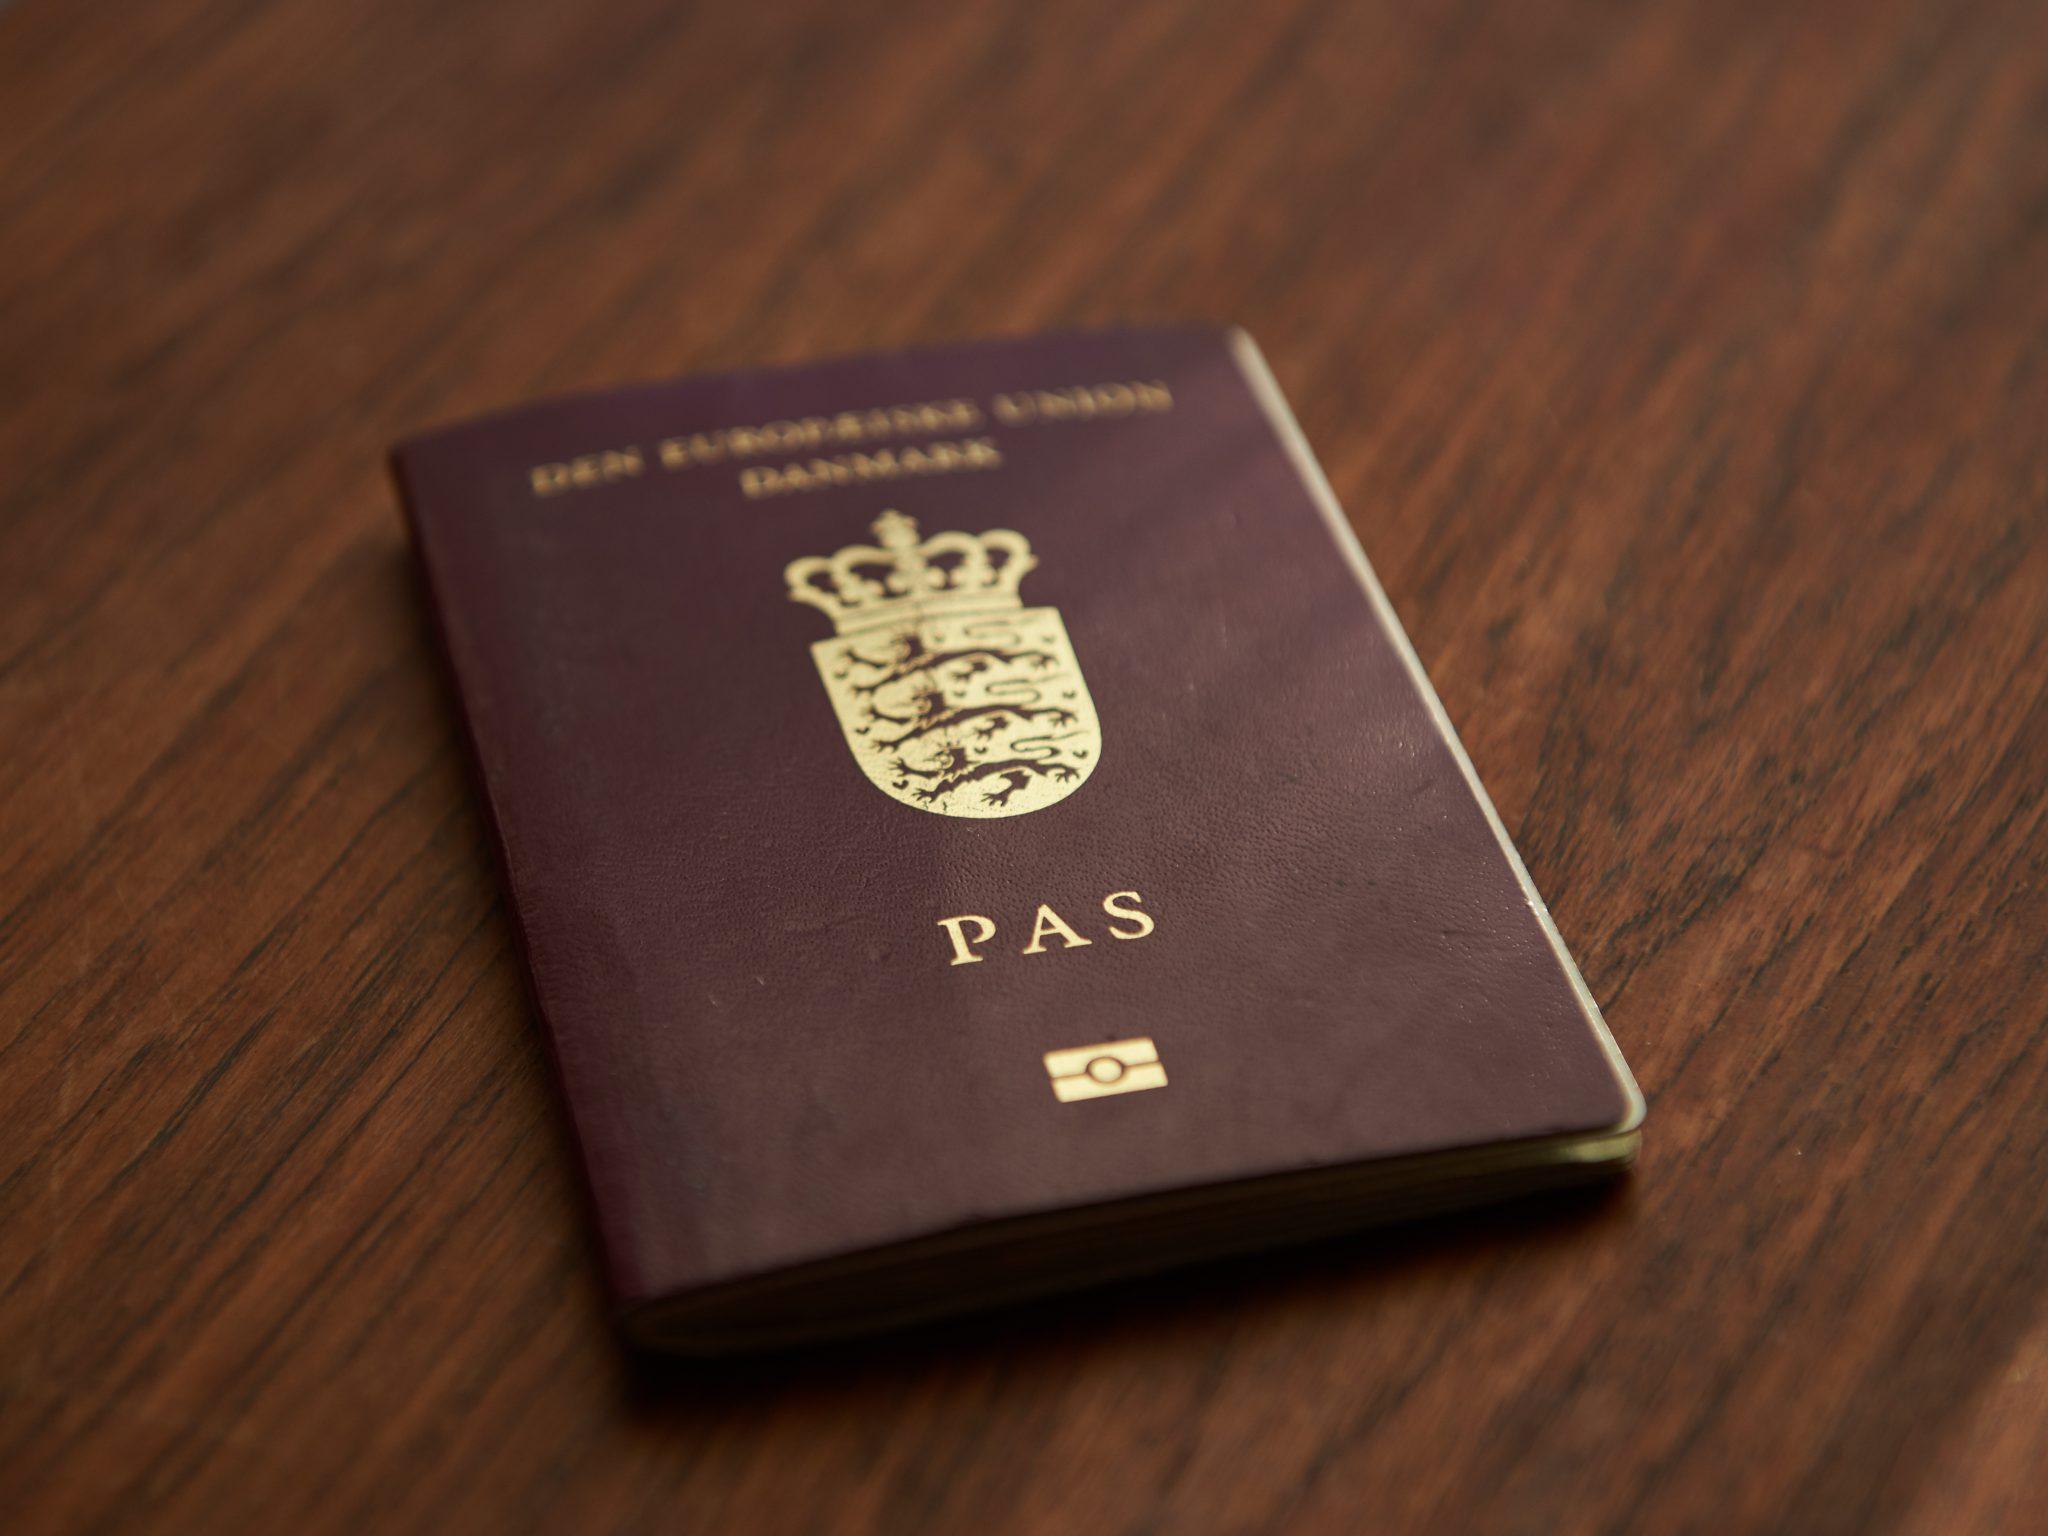 Stor brøler: mere end 200.000 danskere tilbydes nyt pas efter stor bummert